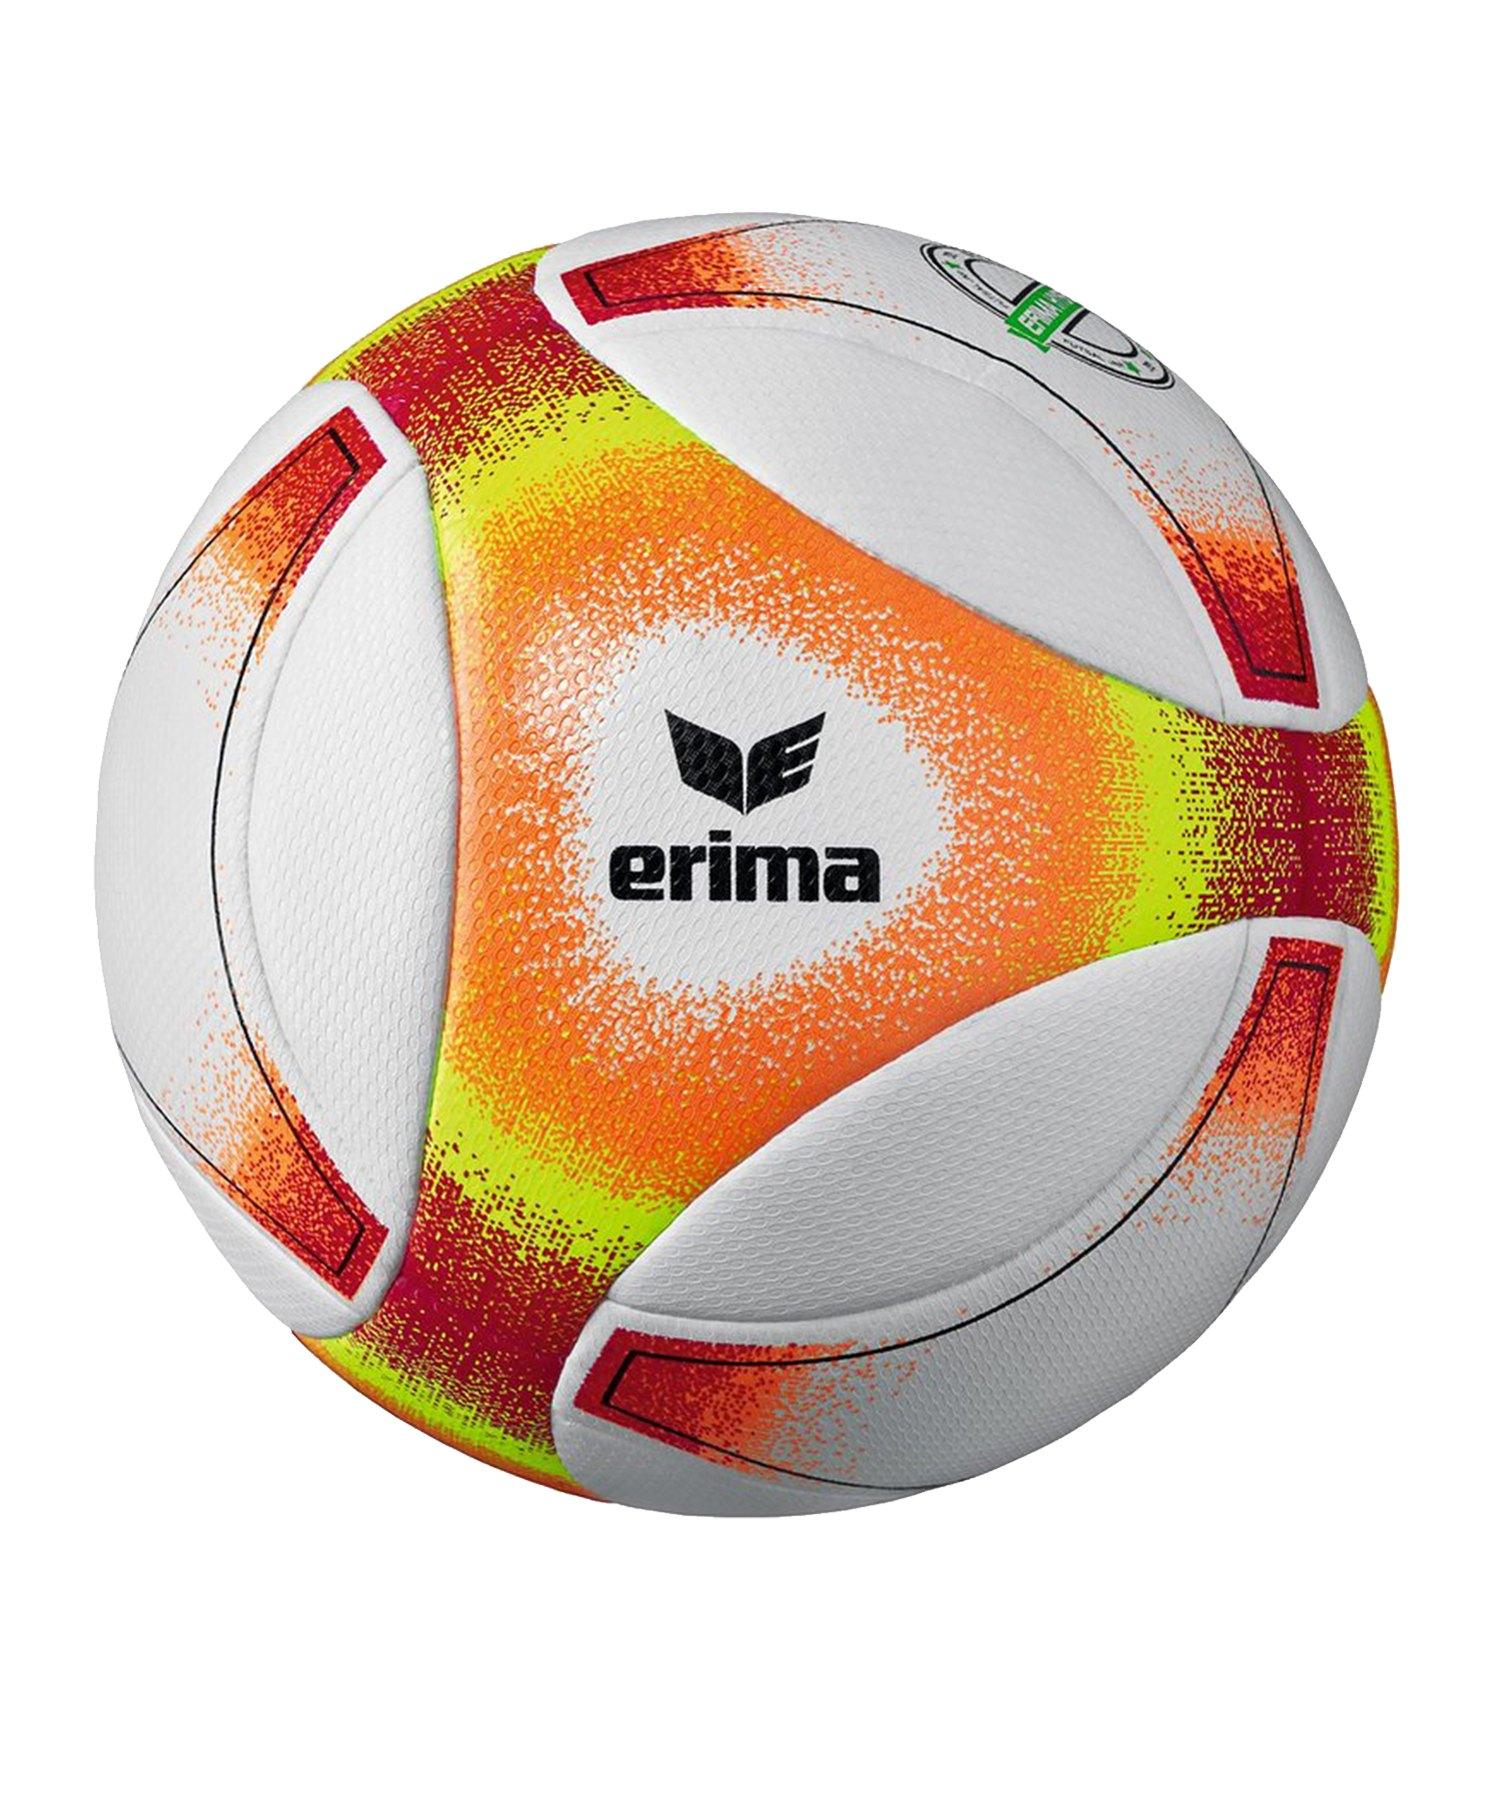 Erima ERIMA Hybrid Futsal JR 310 Gr.4 Orange Gelb - Orange